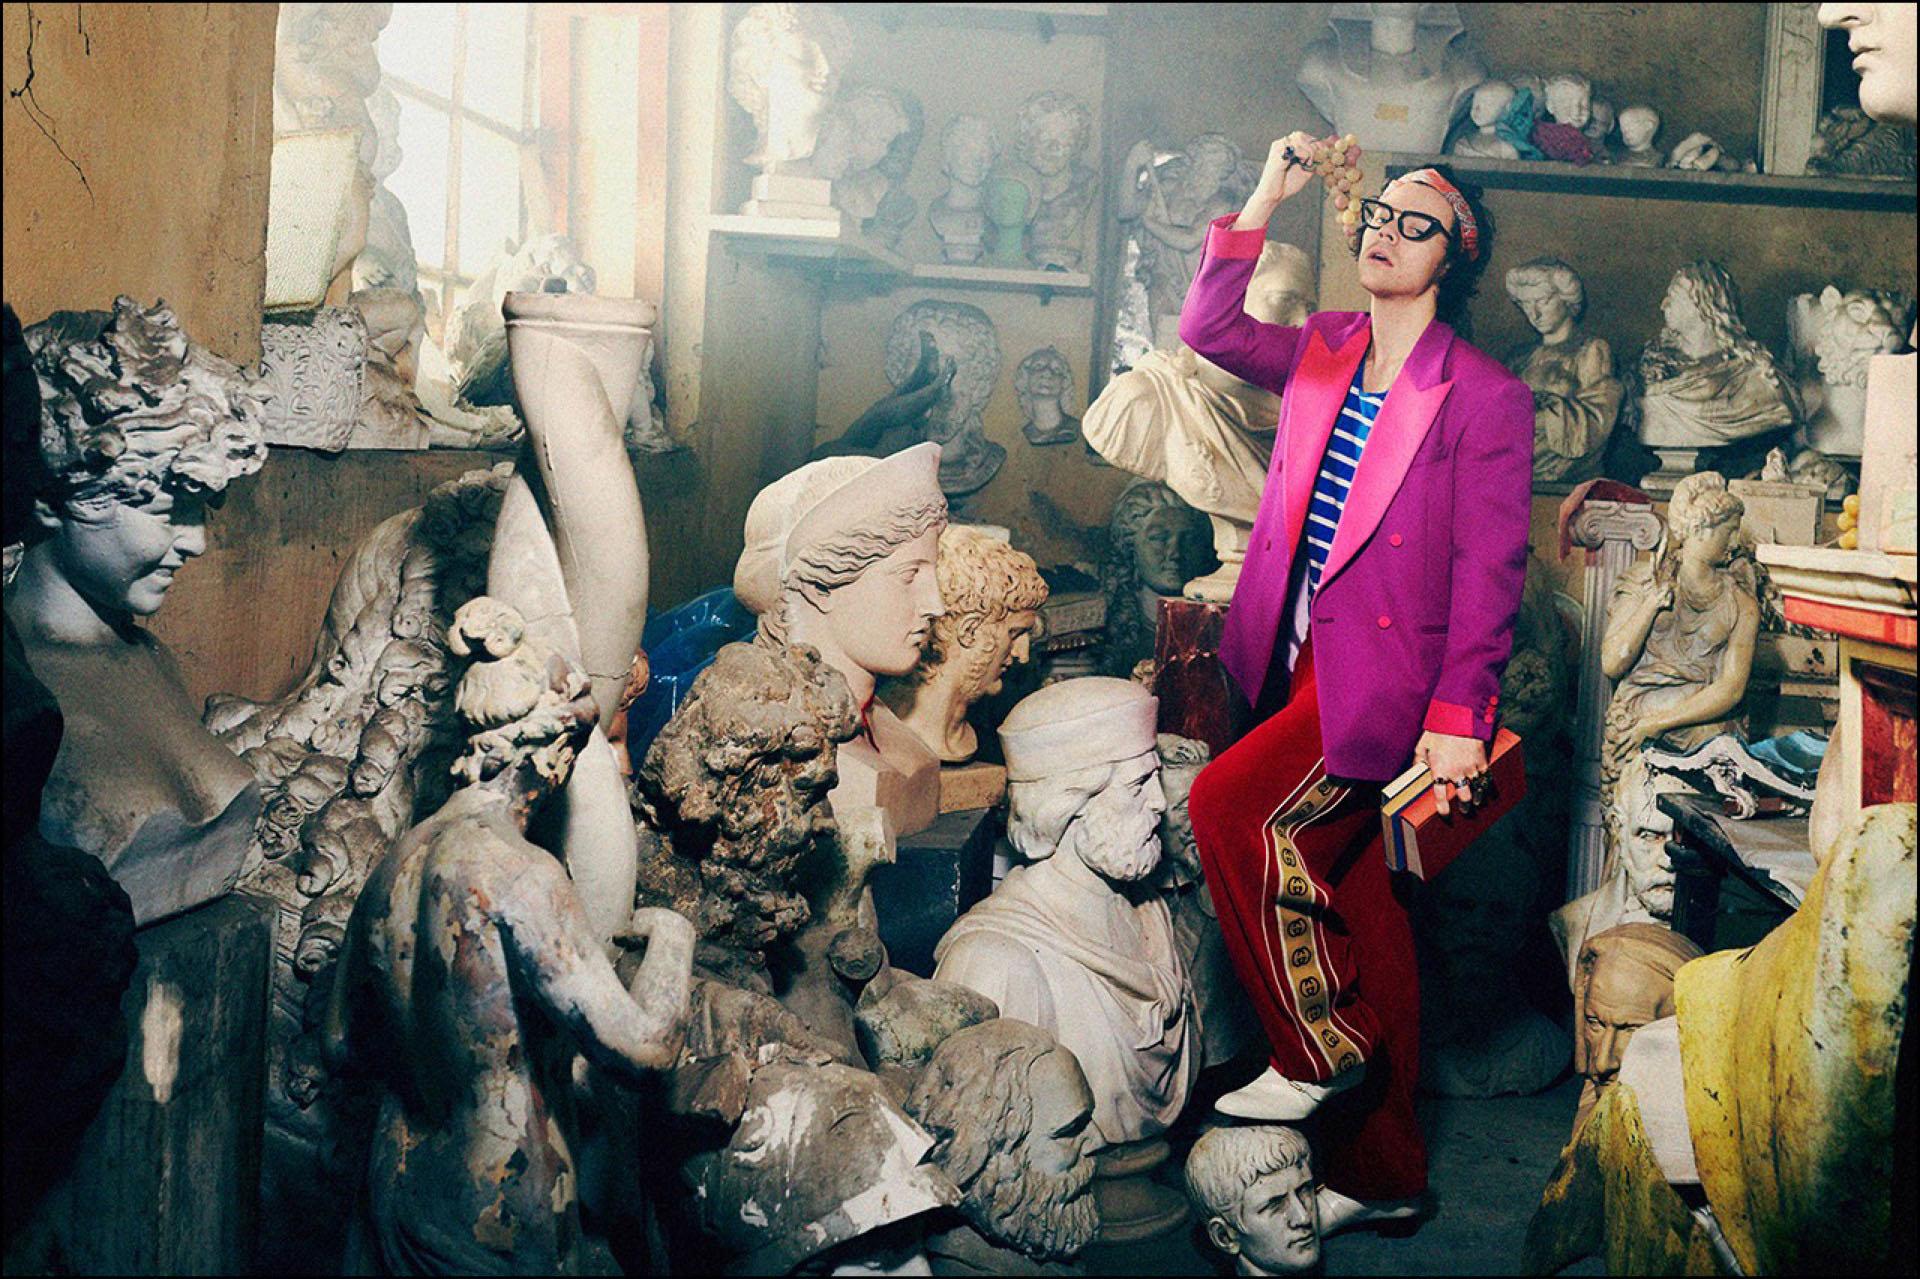 Harry Styles posa con un racimo de uvas entre estatuas y bustos en una mansión florentina para la campaña Pre-Fall 2019 de Gucci Tailoring.